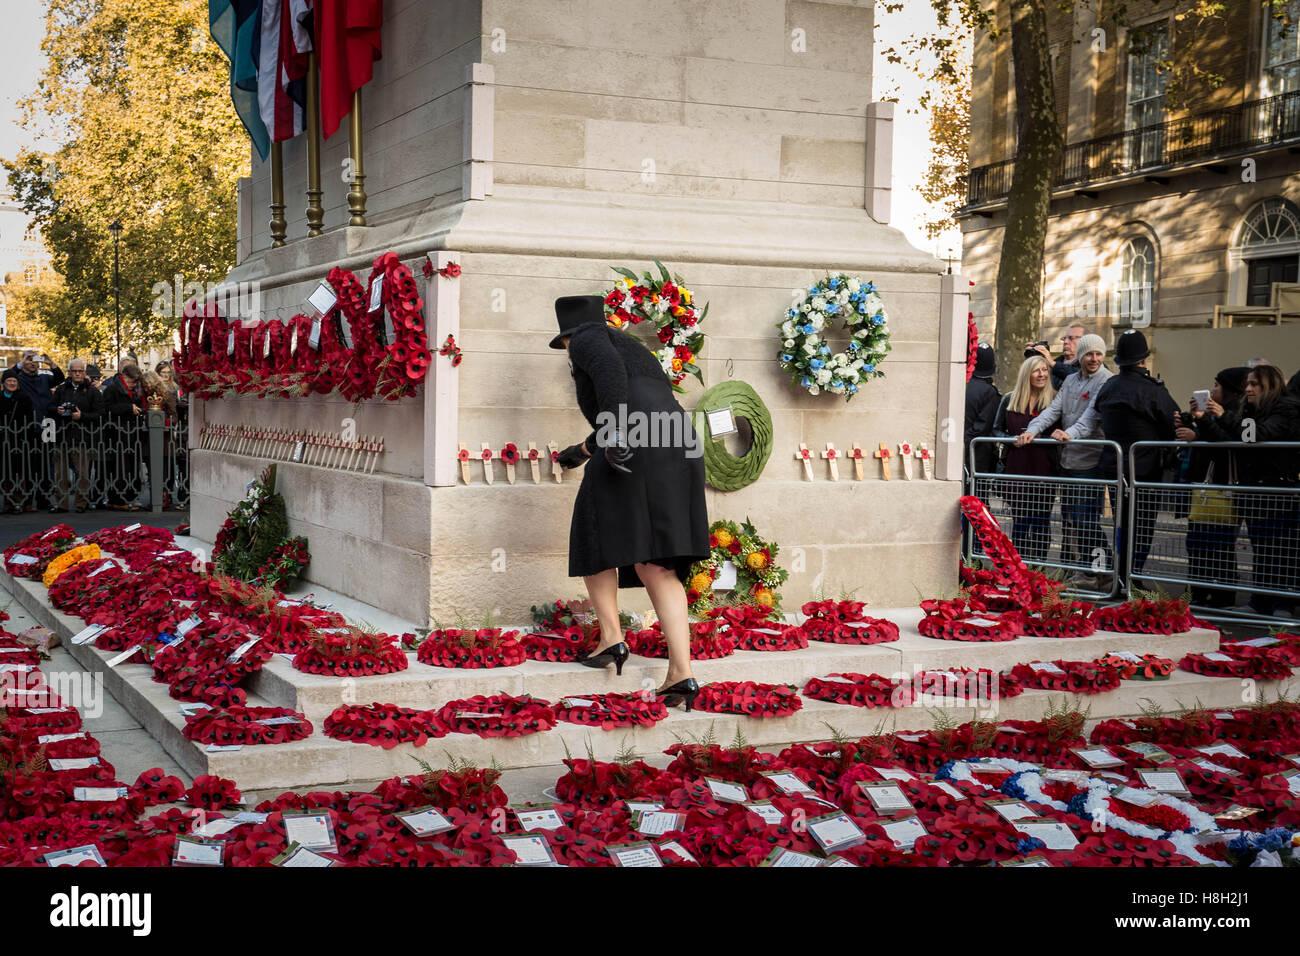 Londra, Regno Unito. 13 Novembre, 2016. Giorno del Ricordo il papavero ghirlande presso il cenotafio in Whitehall Immagini Stock